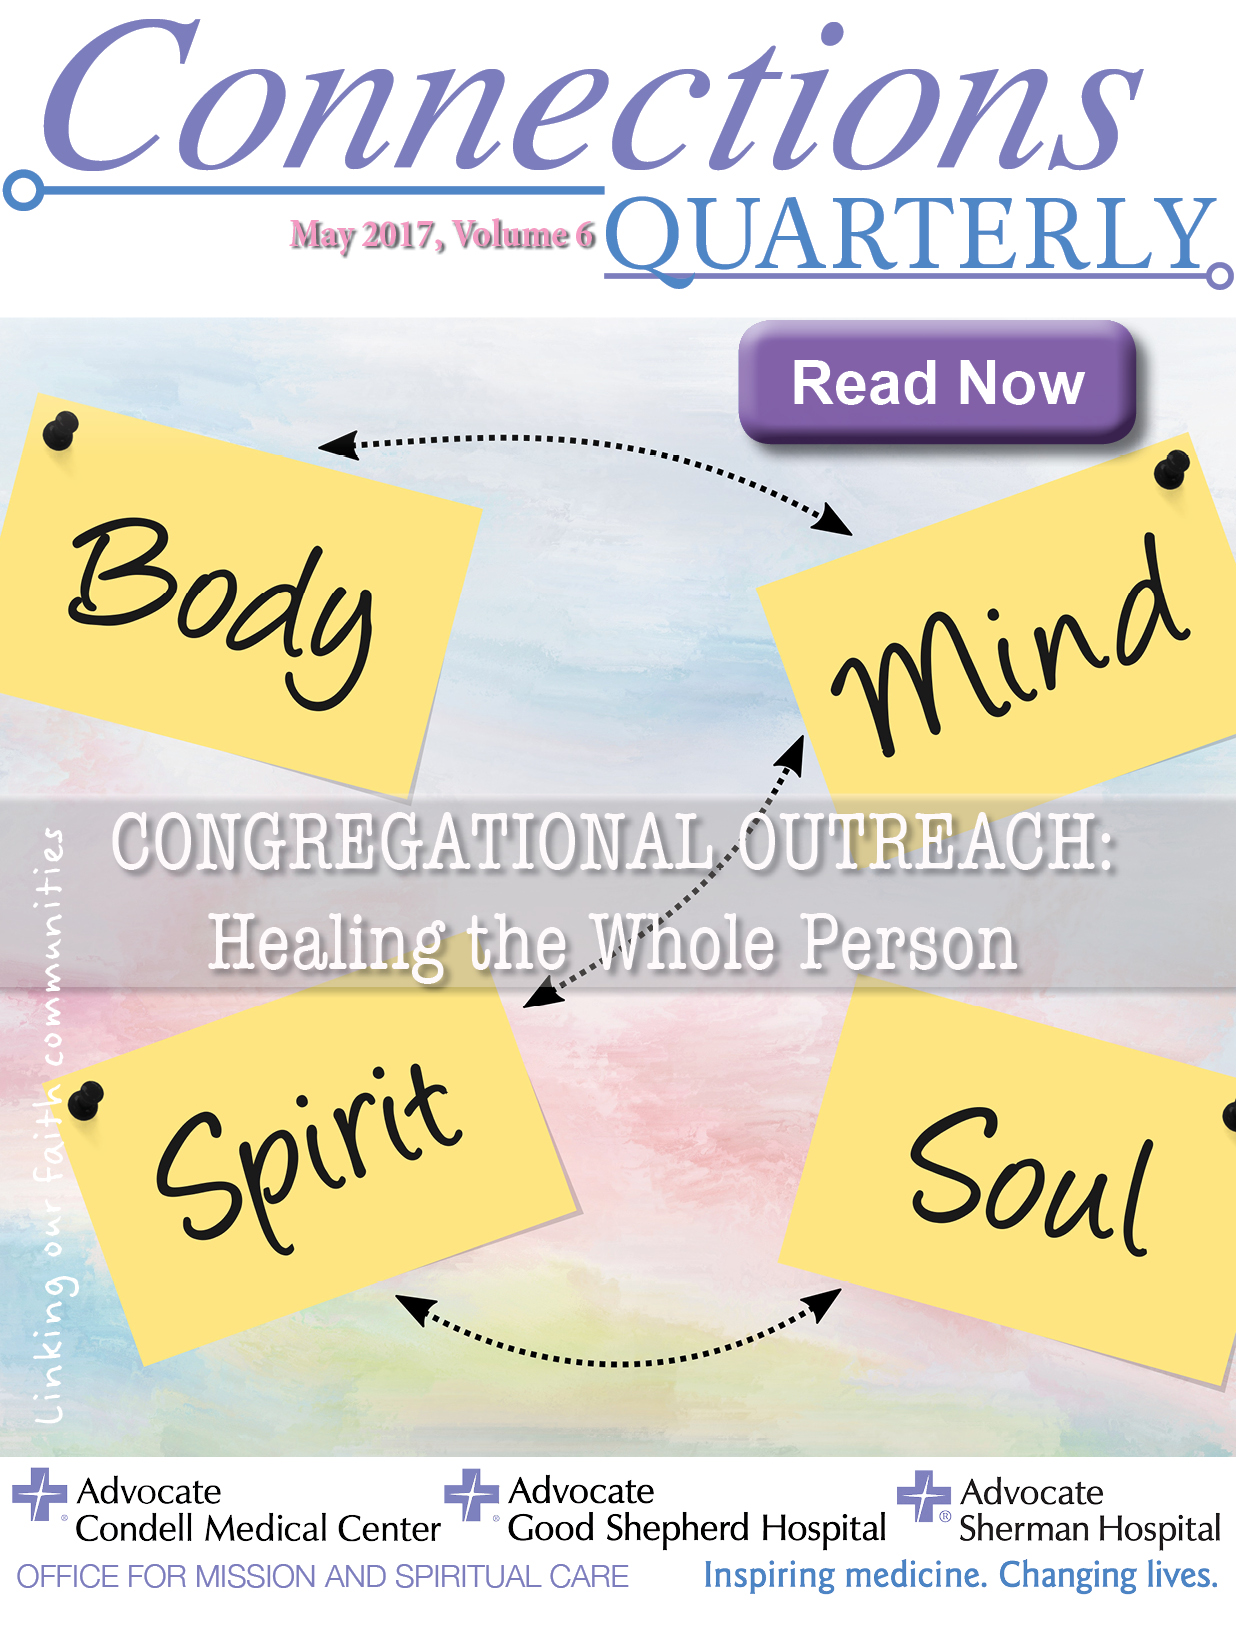 Outreach cover qv3fhx